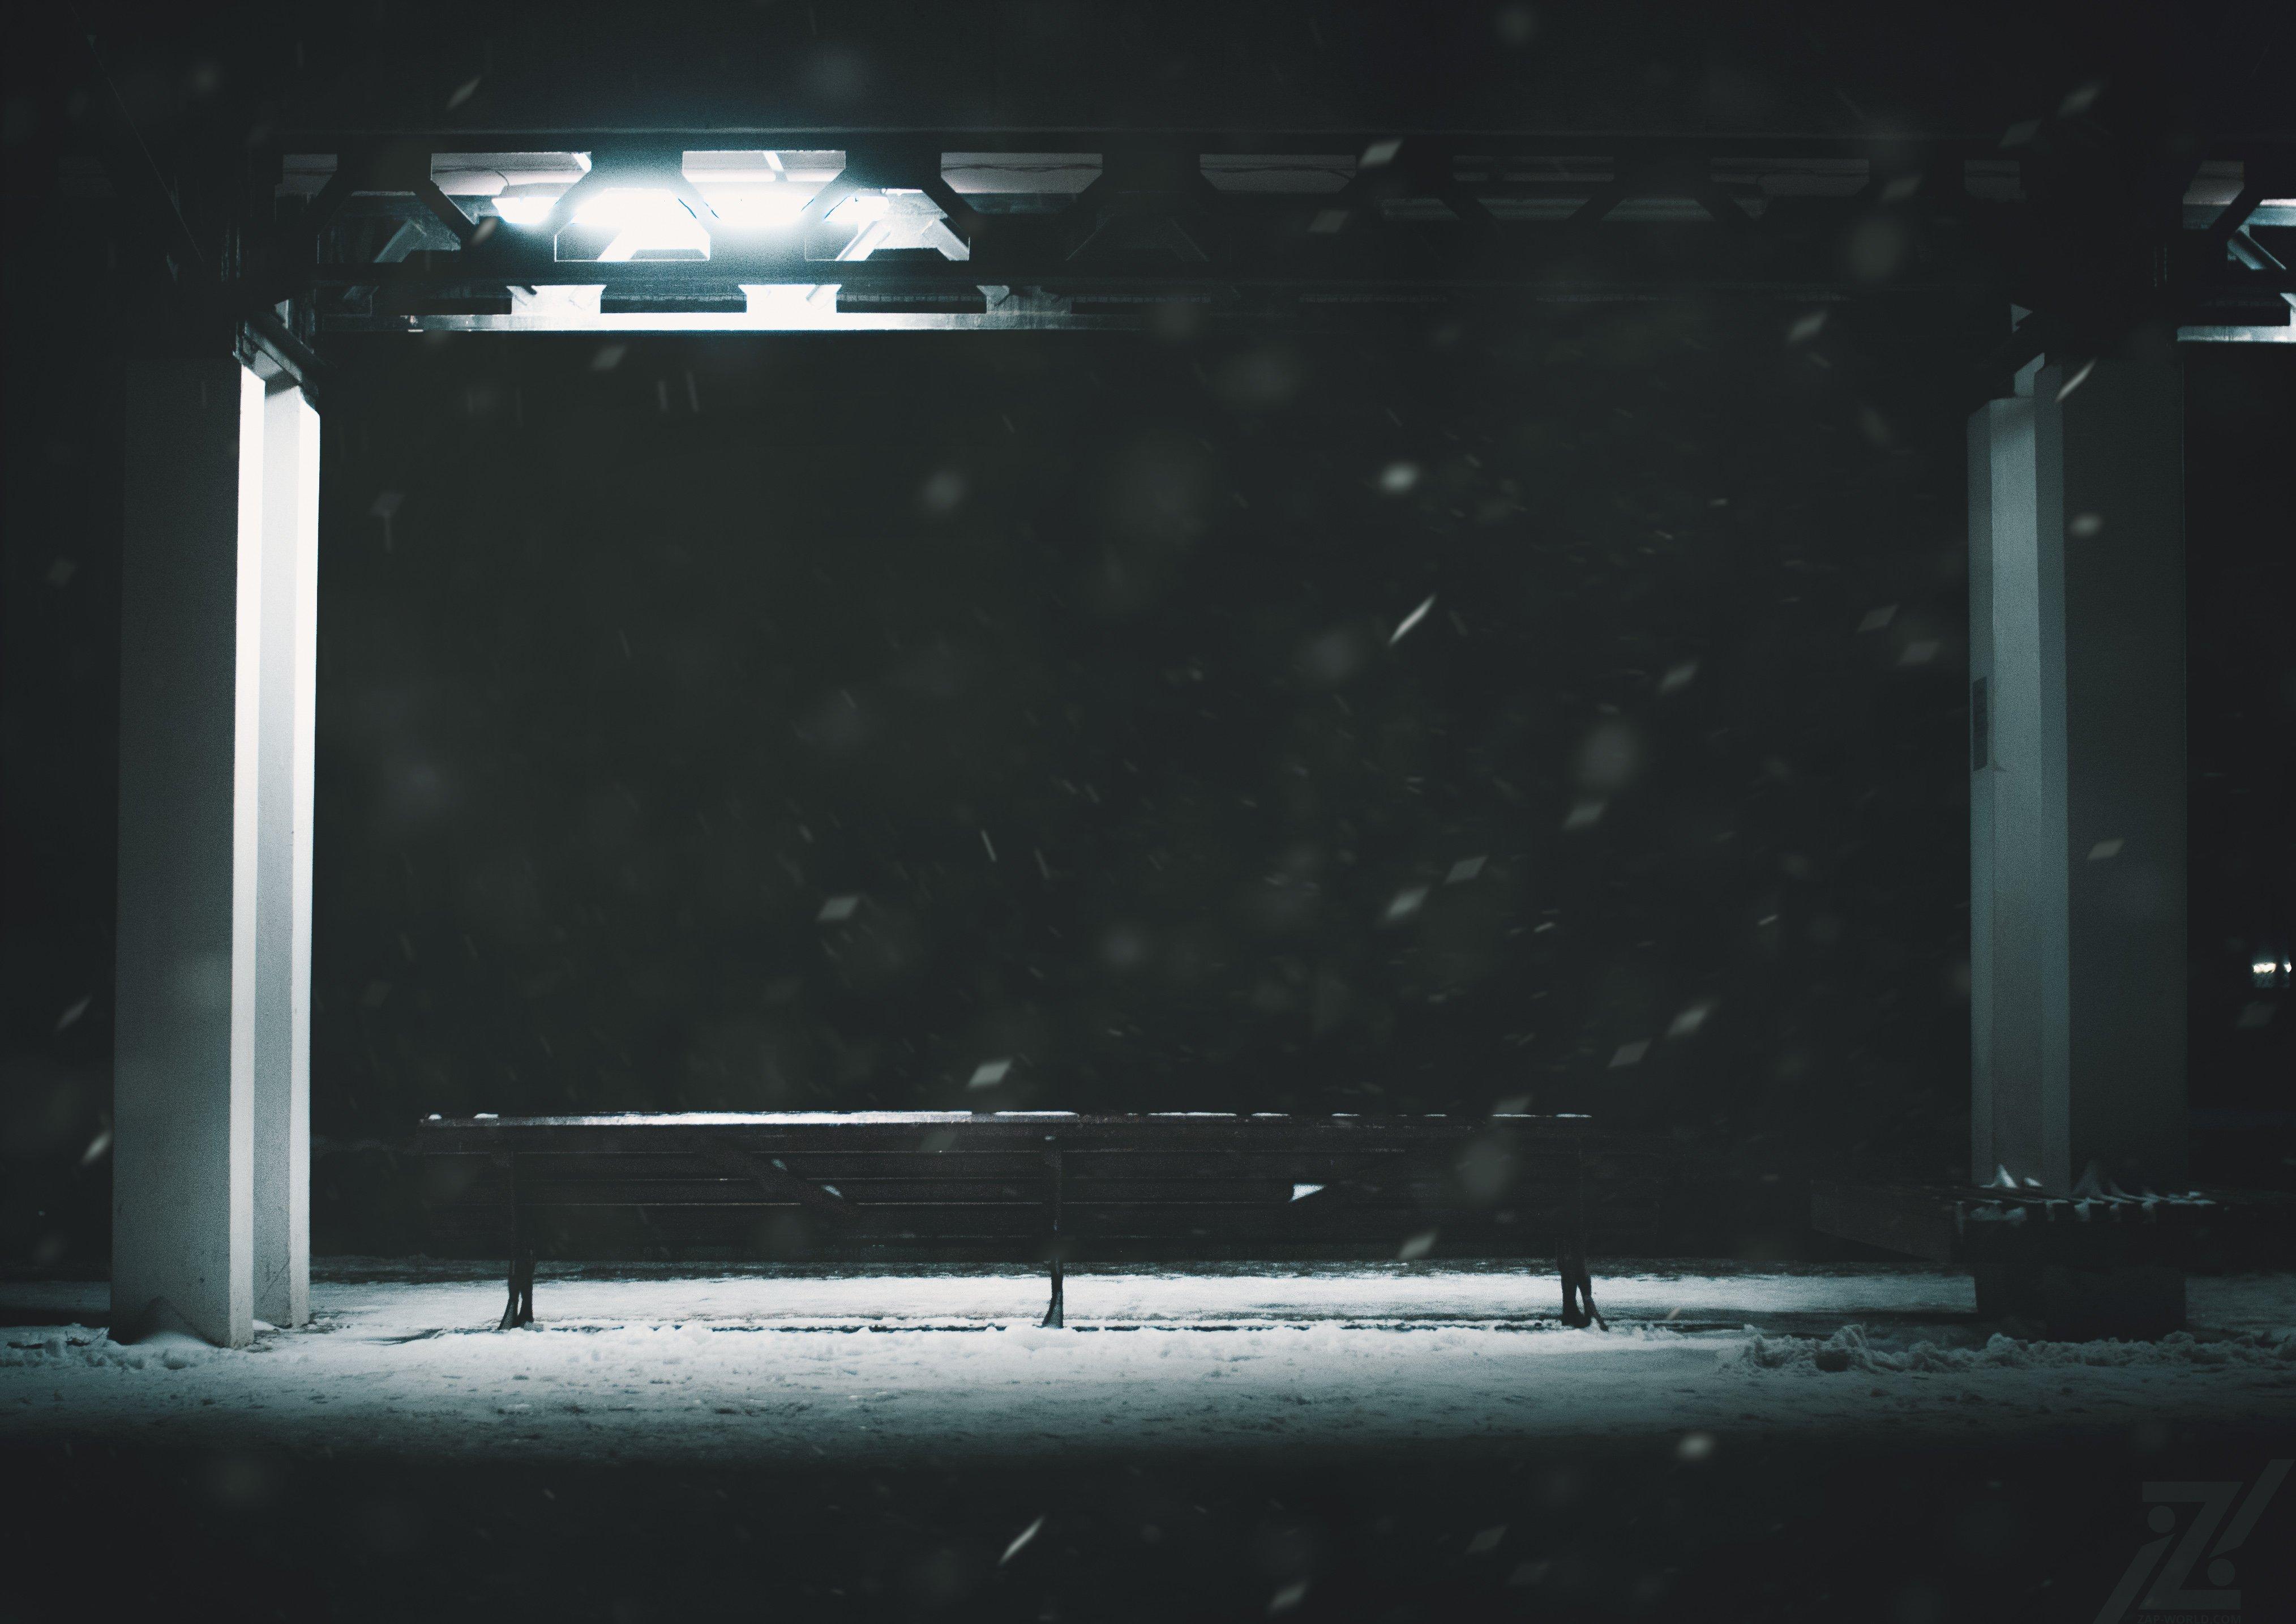 Город,абстрактно,креативно,улица,ночная улица,ночь,ночное креативное,креатив,заброшка,zapworld,завод,шар,индастриал,фото,Беларусь,новополоцк,Пейзаж, природный, небо, лес, краски, берег, вода, водоем, пруд, озеро, гладь, камыш, тростник, трава, отражение, , Sergey Shevtsov